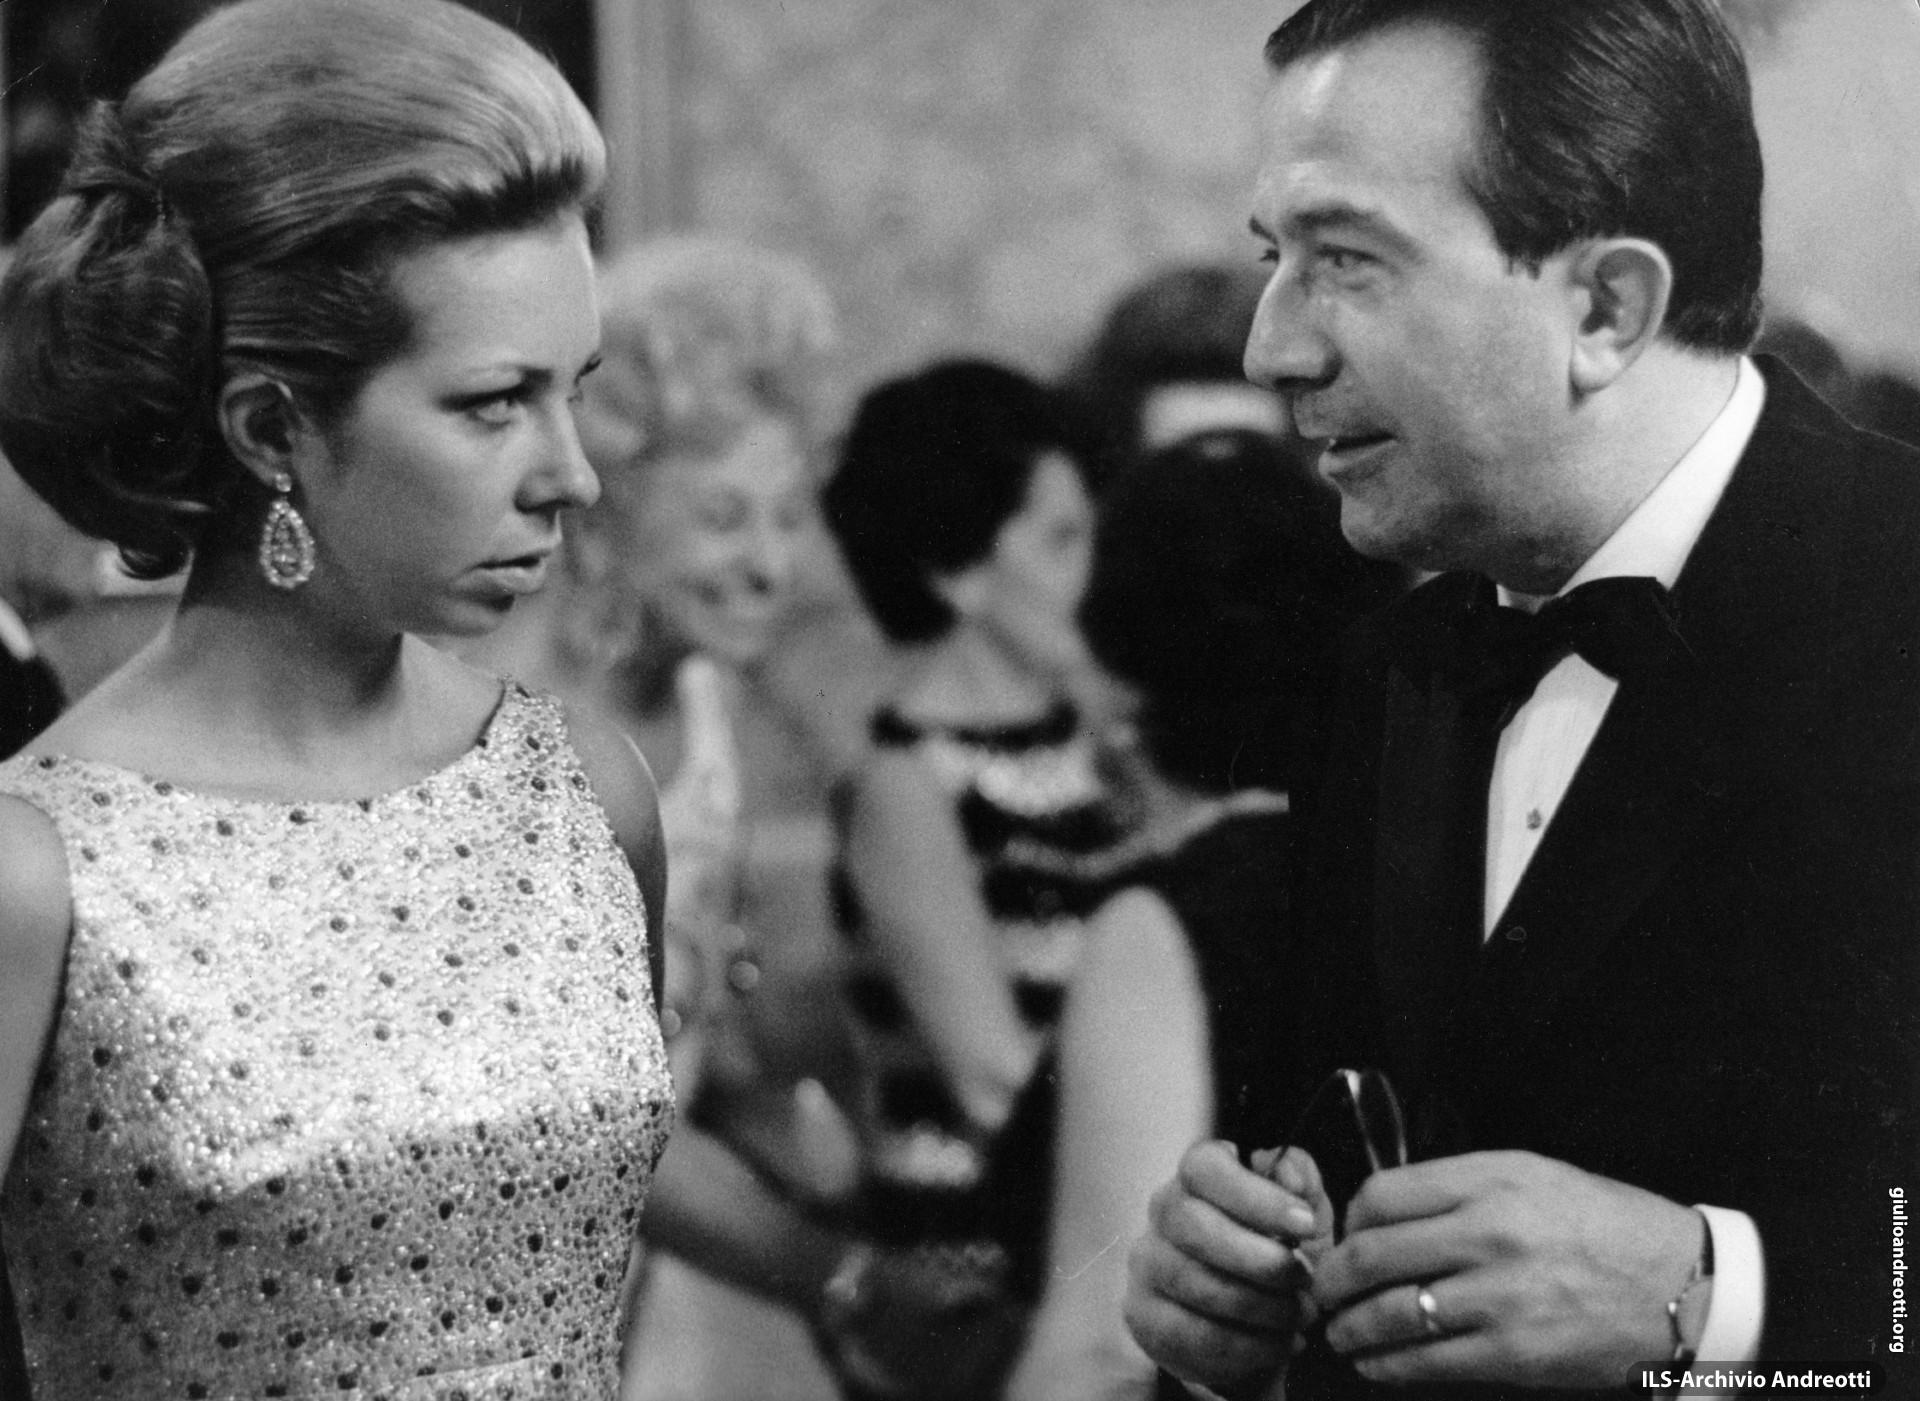 30 settembre 1968. Serata di gala a Napoli per la conclusione delle Giornate del Cinema di Sorrento. Andreotti a colloquio con la principessa Cristina di Svezia.